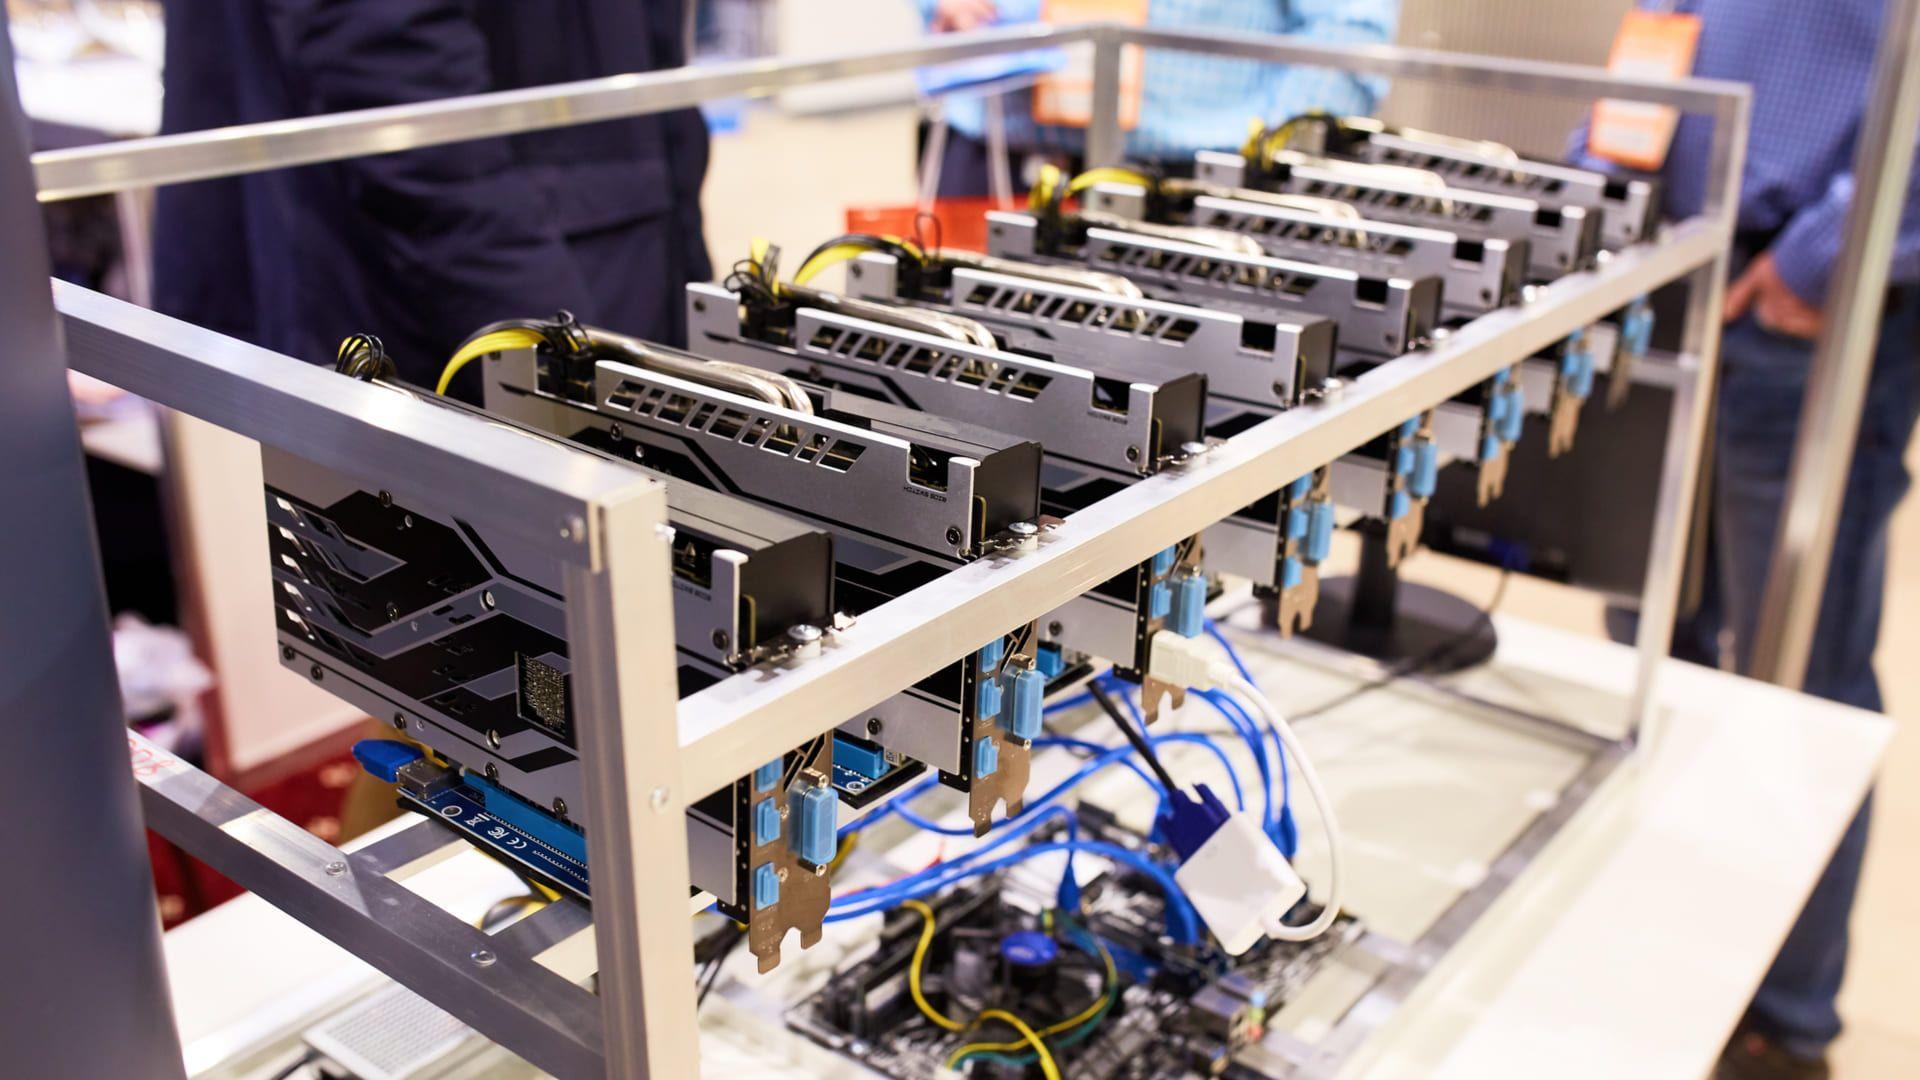 Existem mineradores que possuem diversas placas de vídeo para ganhar criptomoedas (Foto: Reprodução/Shutterstock)